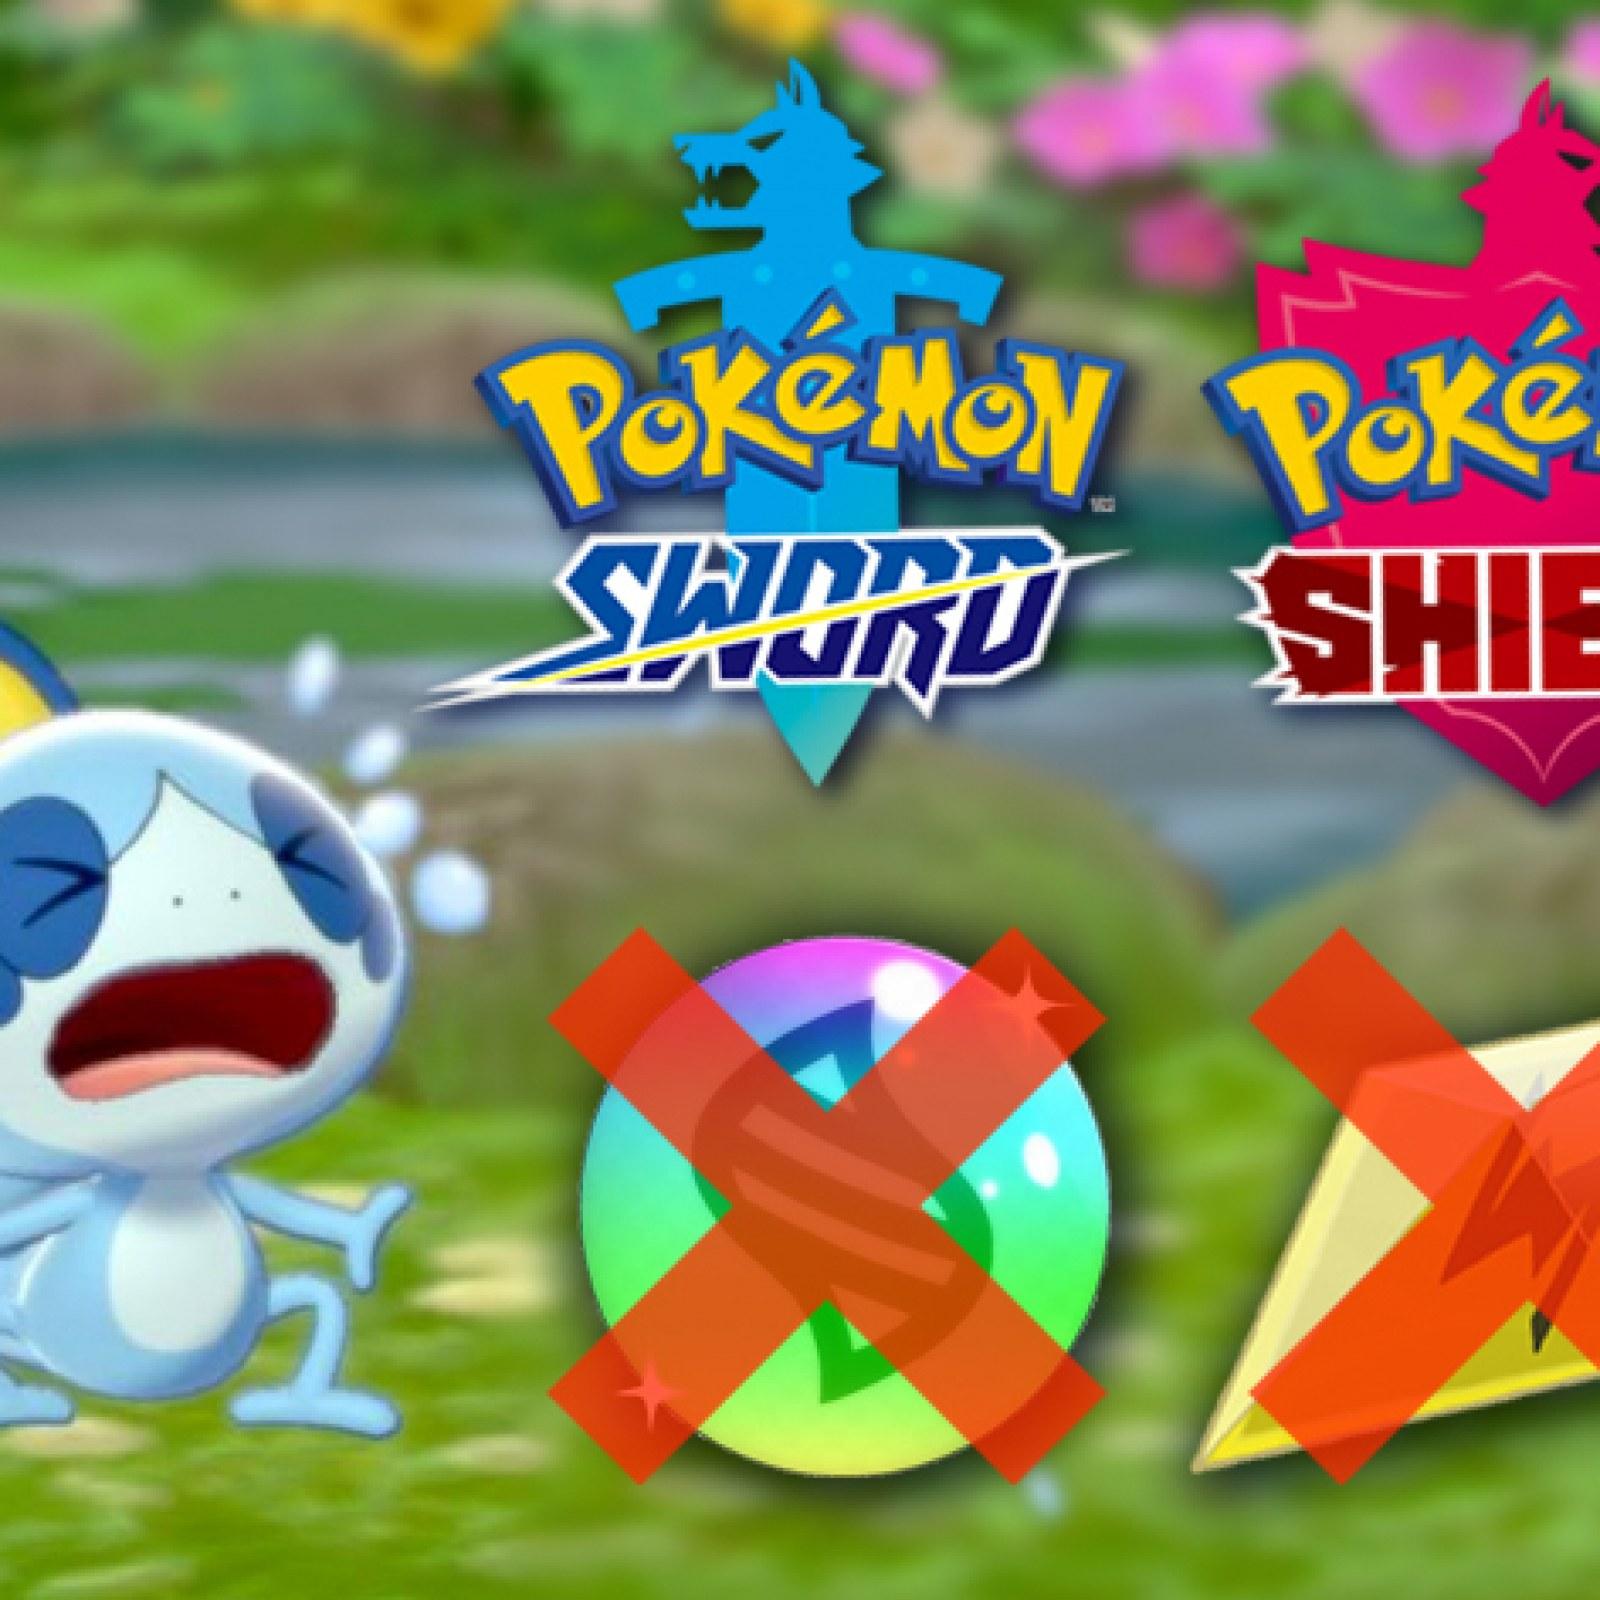 Pokémon Sword and Shield' Producer Confirms Mega Evolutions